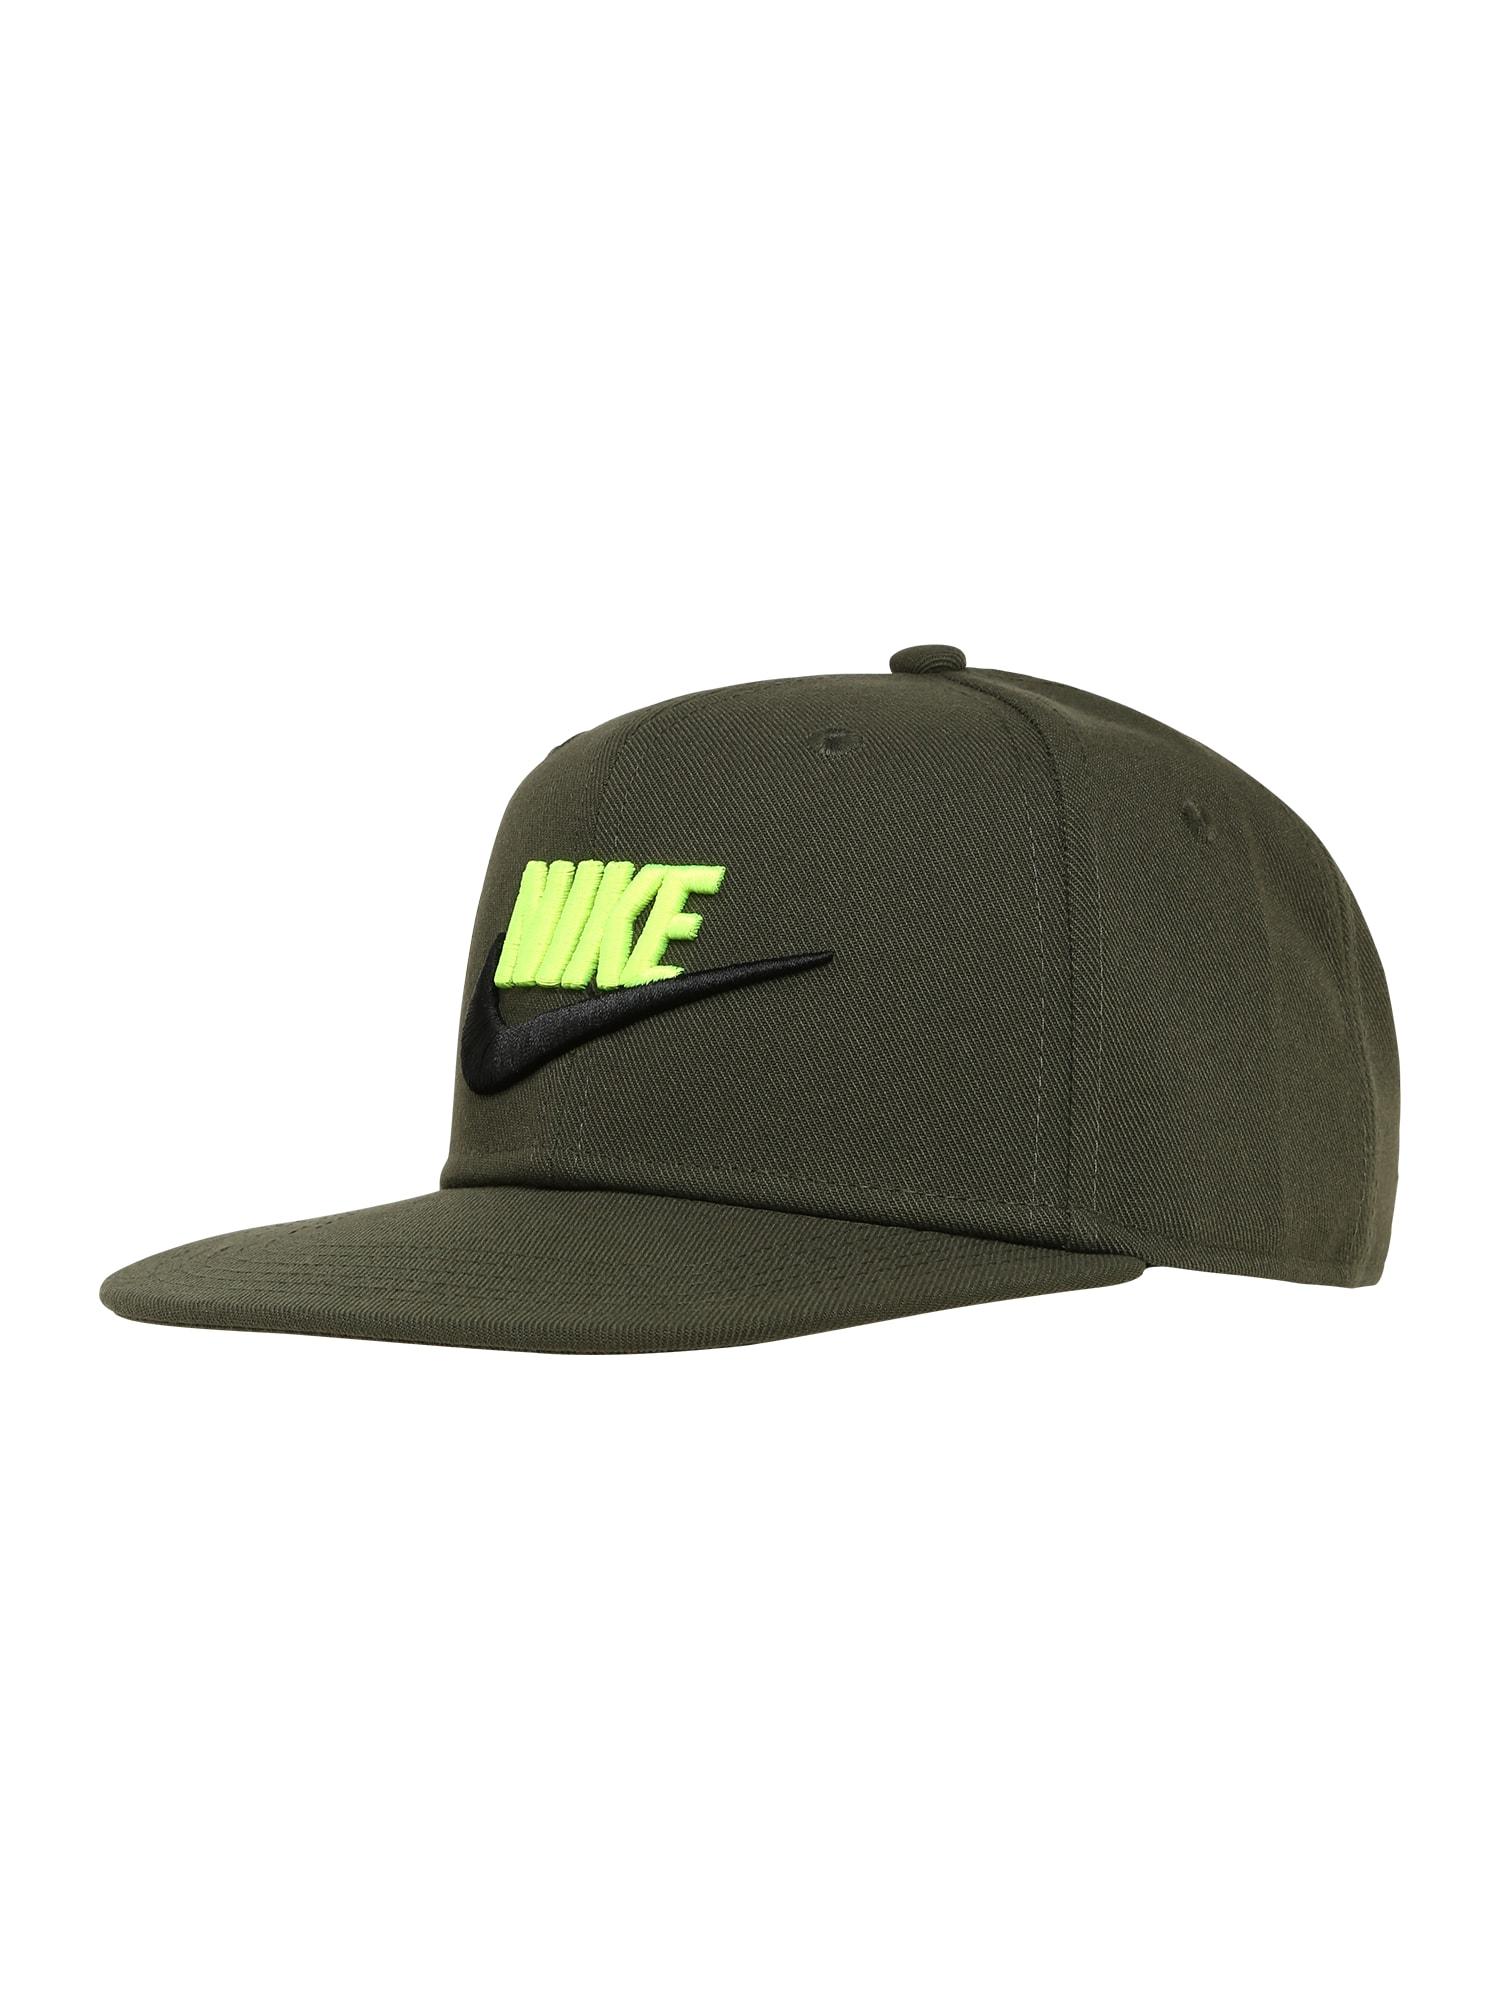 Nike Sportswear Skrybėlaitė 'Futura 4' rusvai žalia